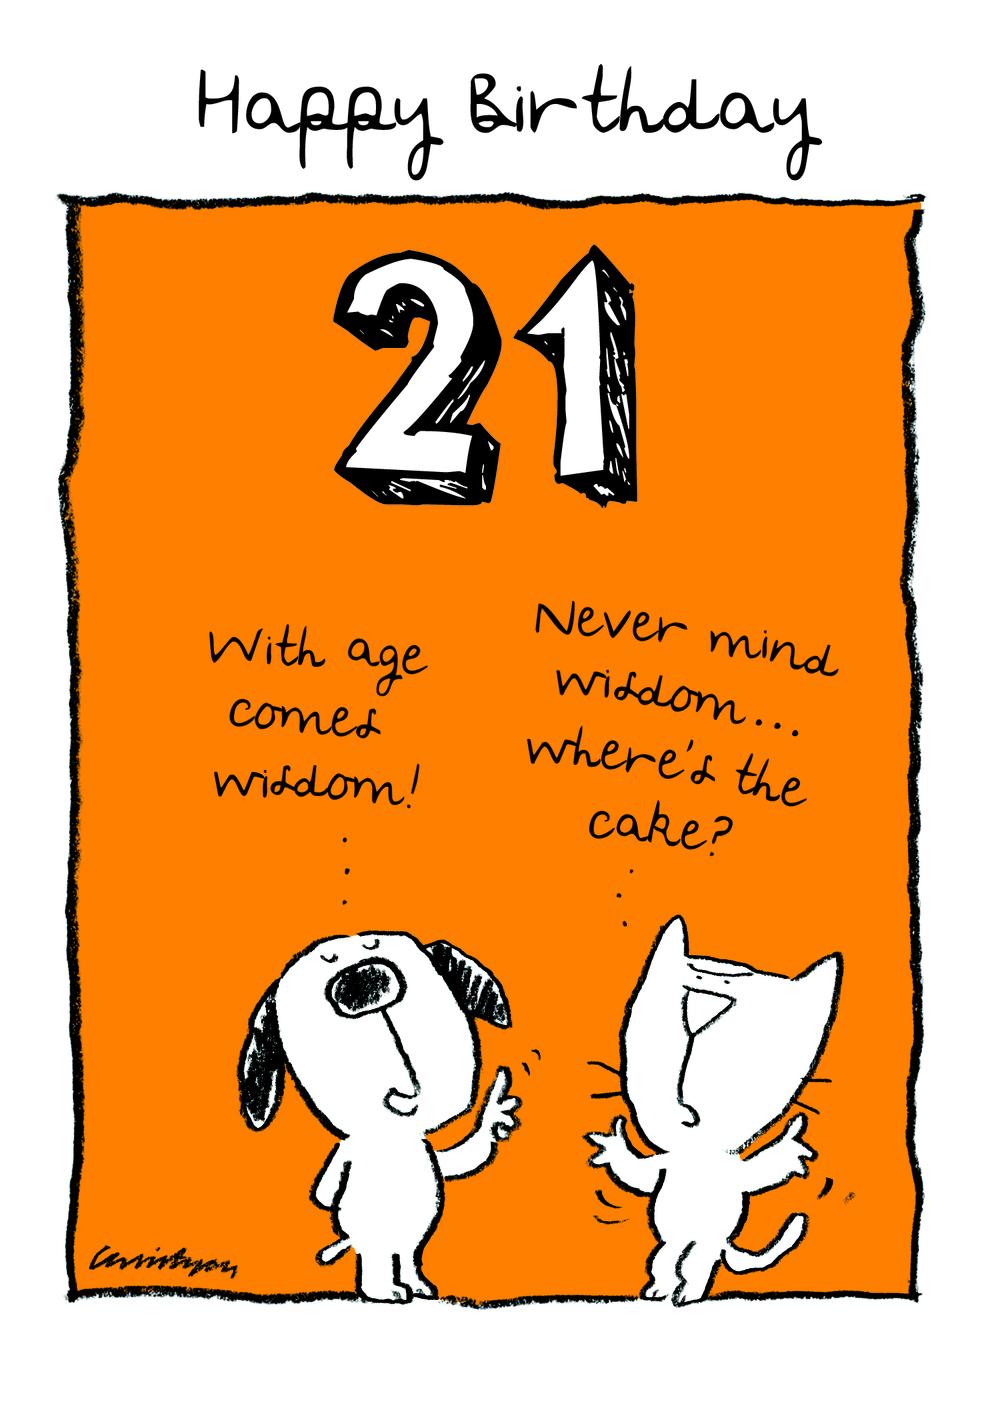 5-21st Wisdom2.jpg